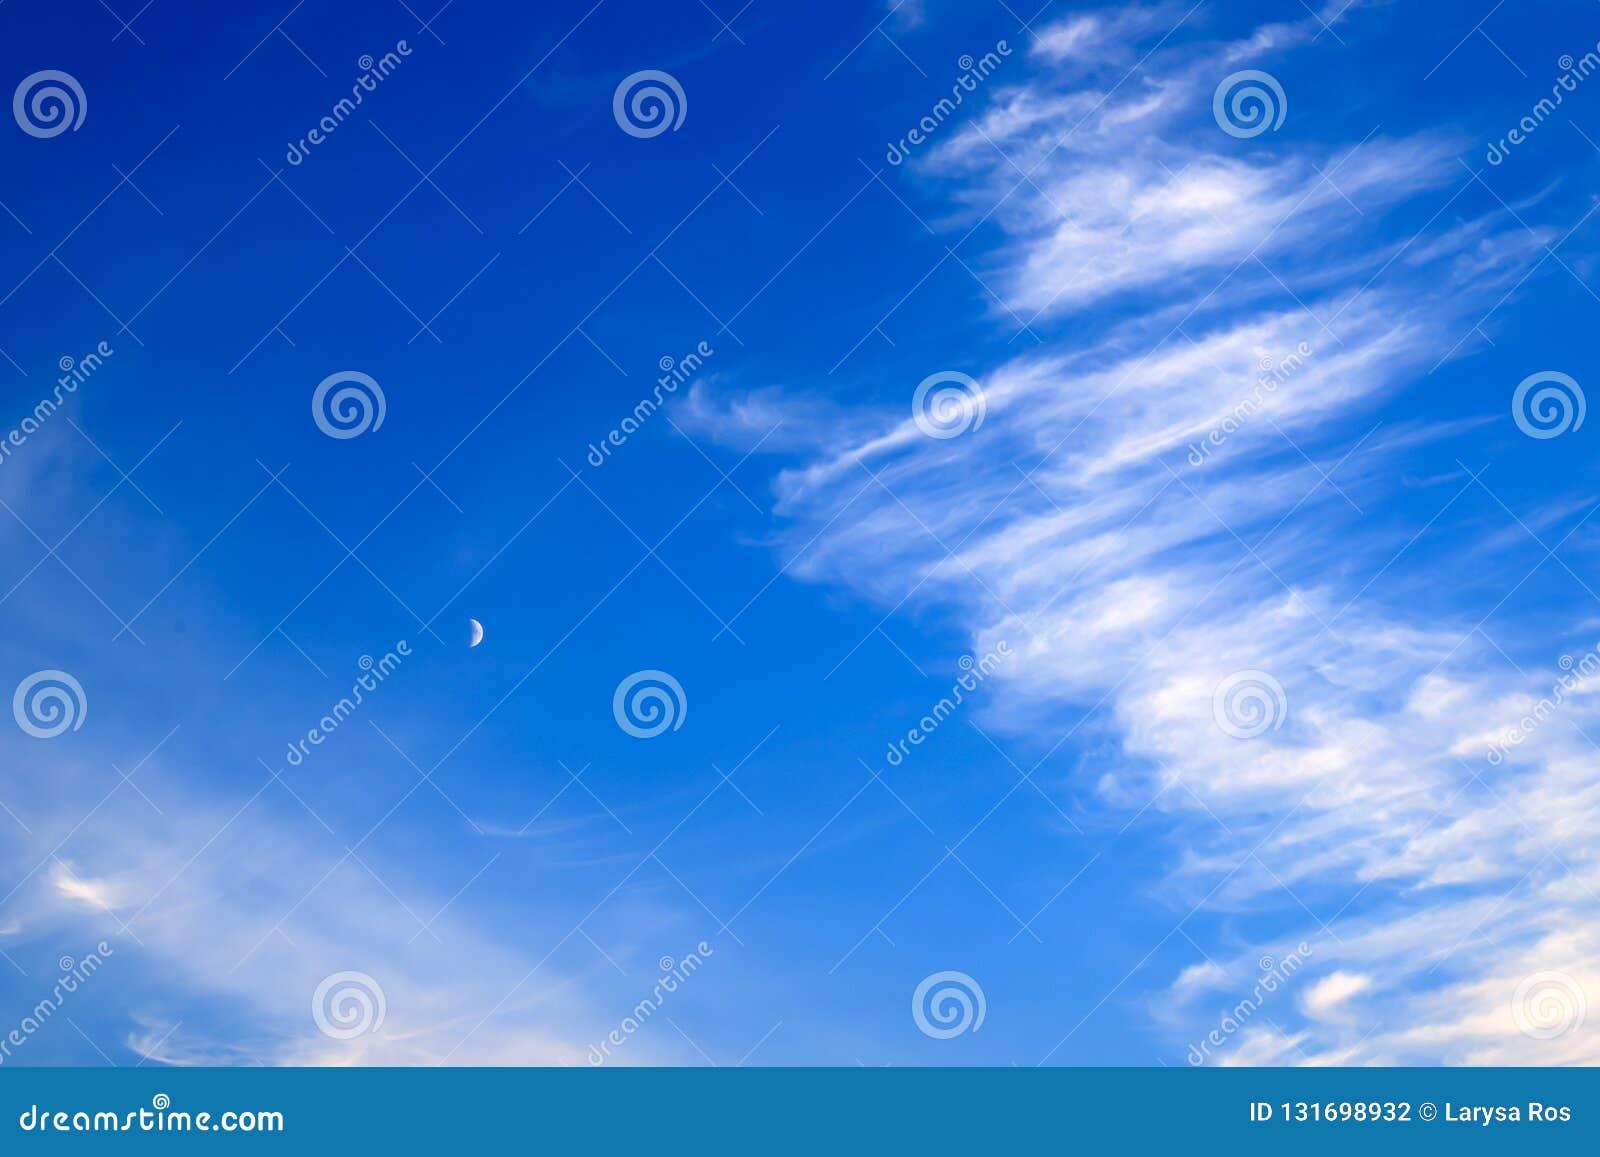 反对天空蔚蓝的美丽的美丽如画的胆怯云彩与年轻月亮,不可思议的浪漫背景